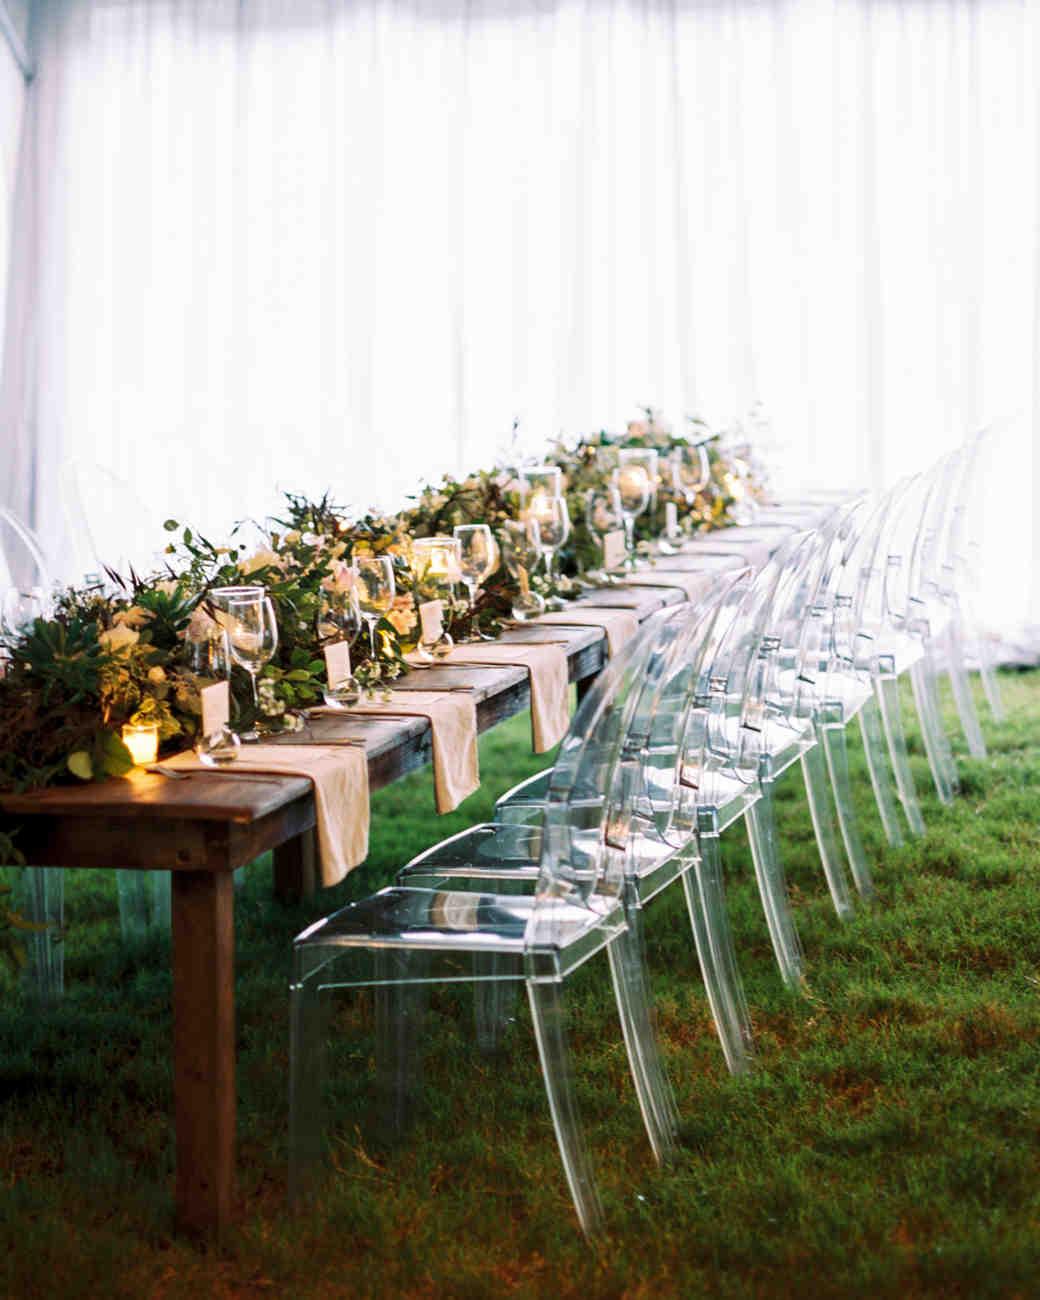 jackie-ross-wedding-table-084-s111775-0215.jpg